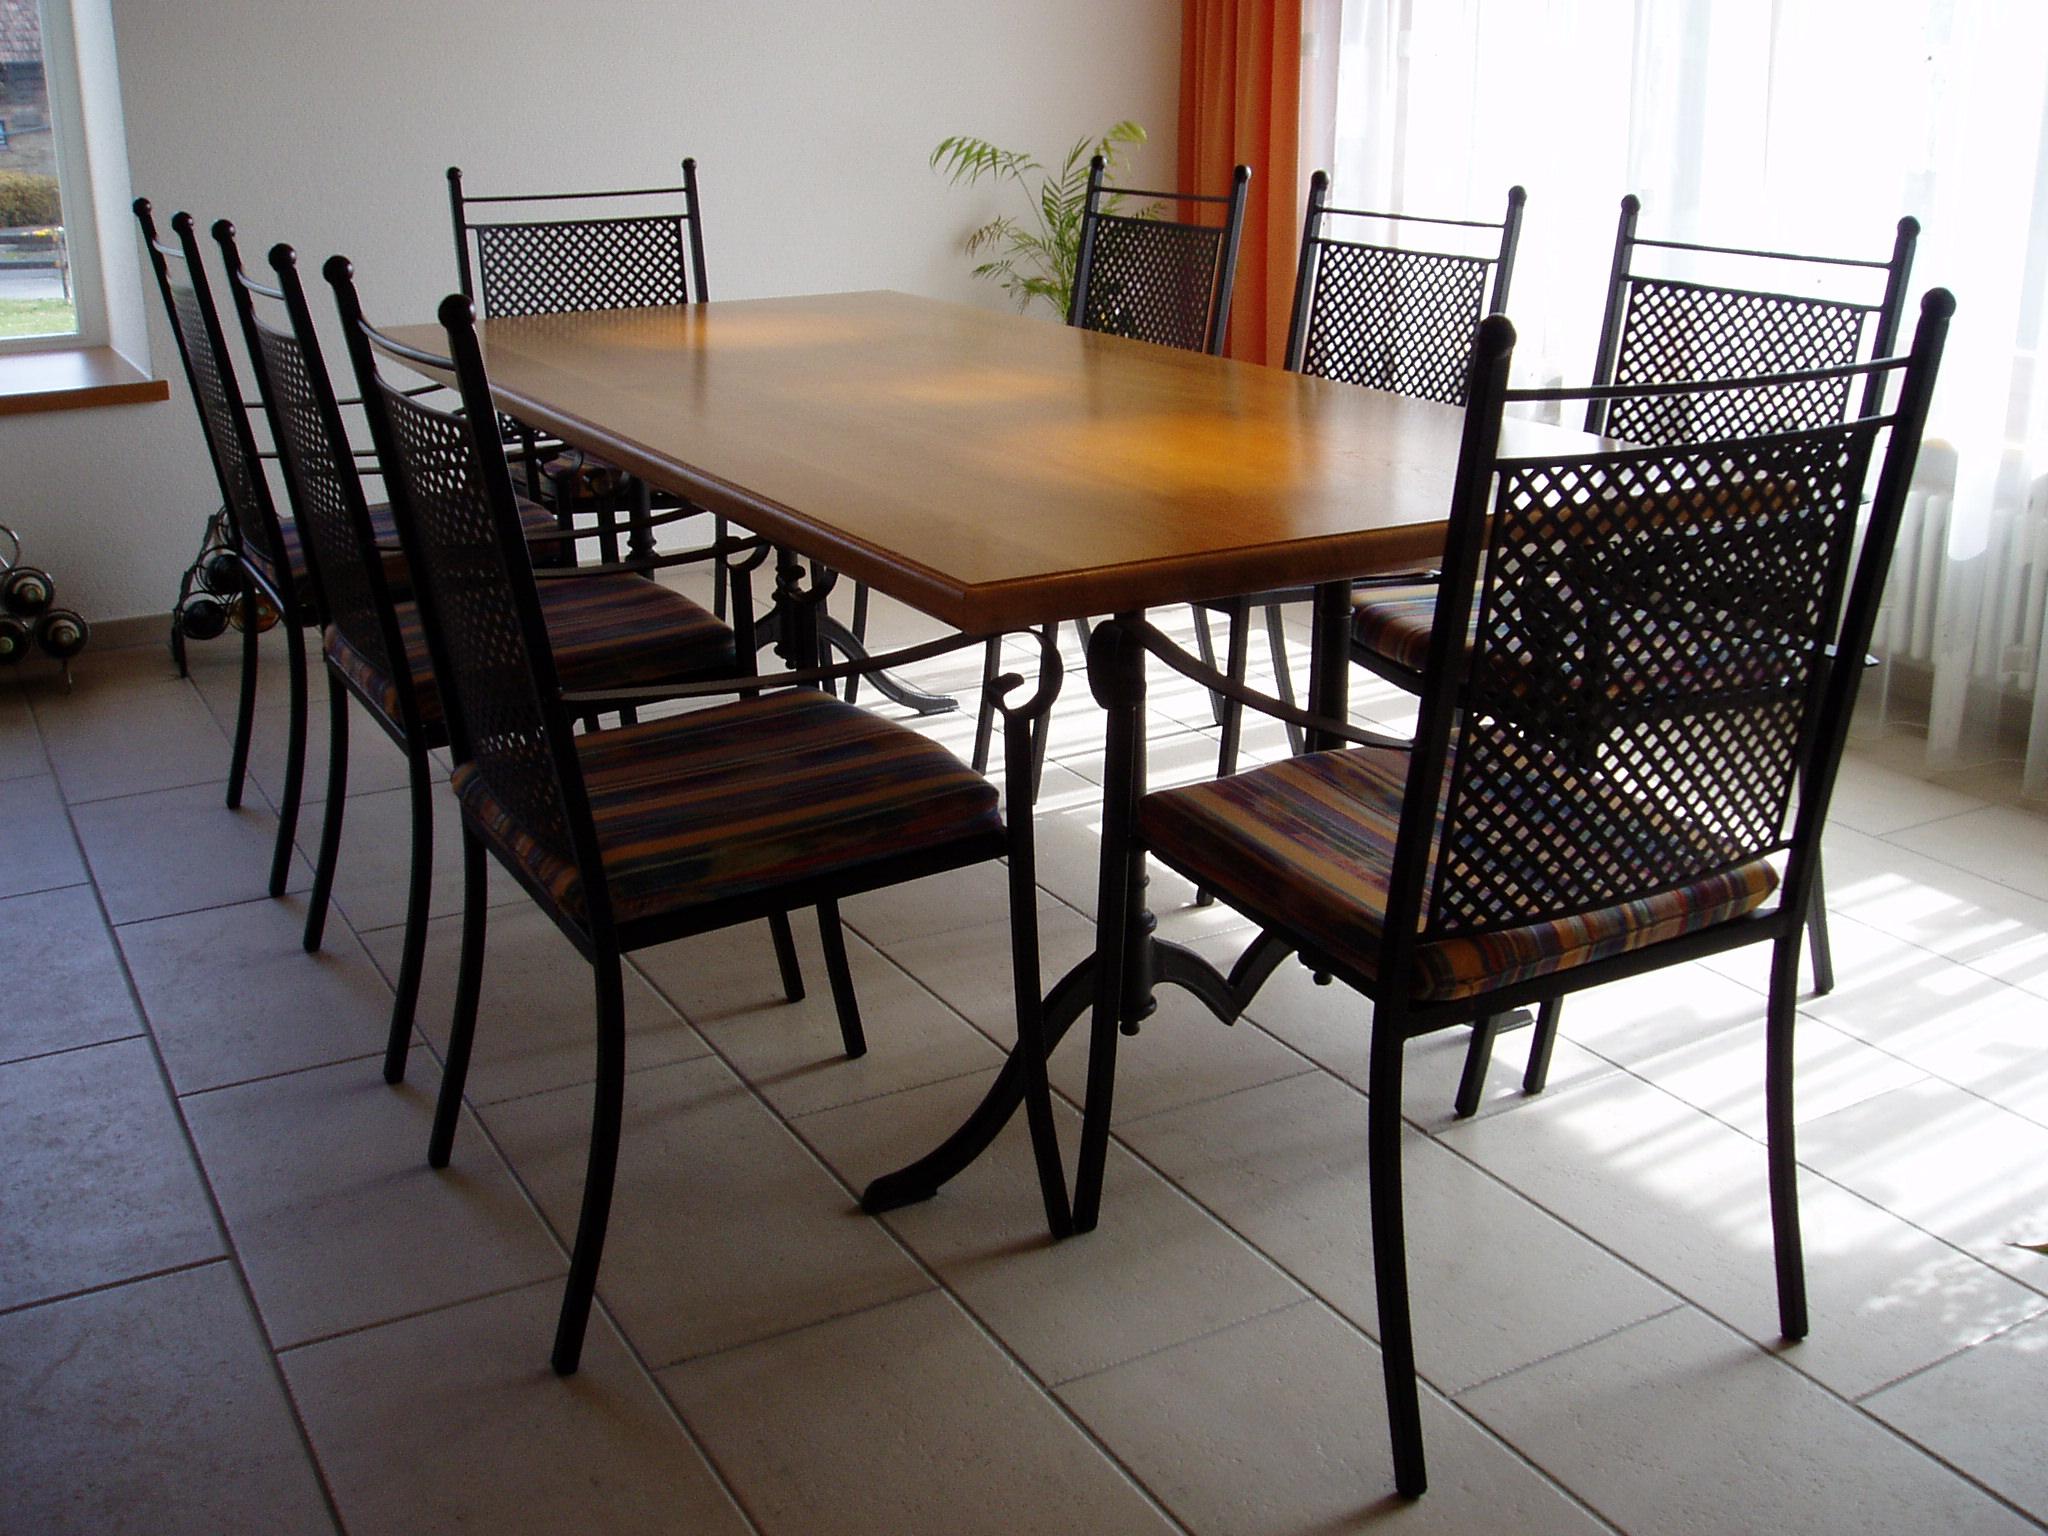 schreinerei andr r thlisberger utzenstorf wohnbereich. Black Bedroom Furniture Sets. Home Design Ideas